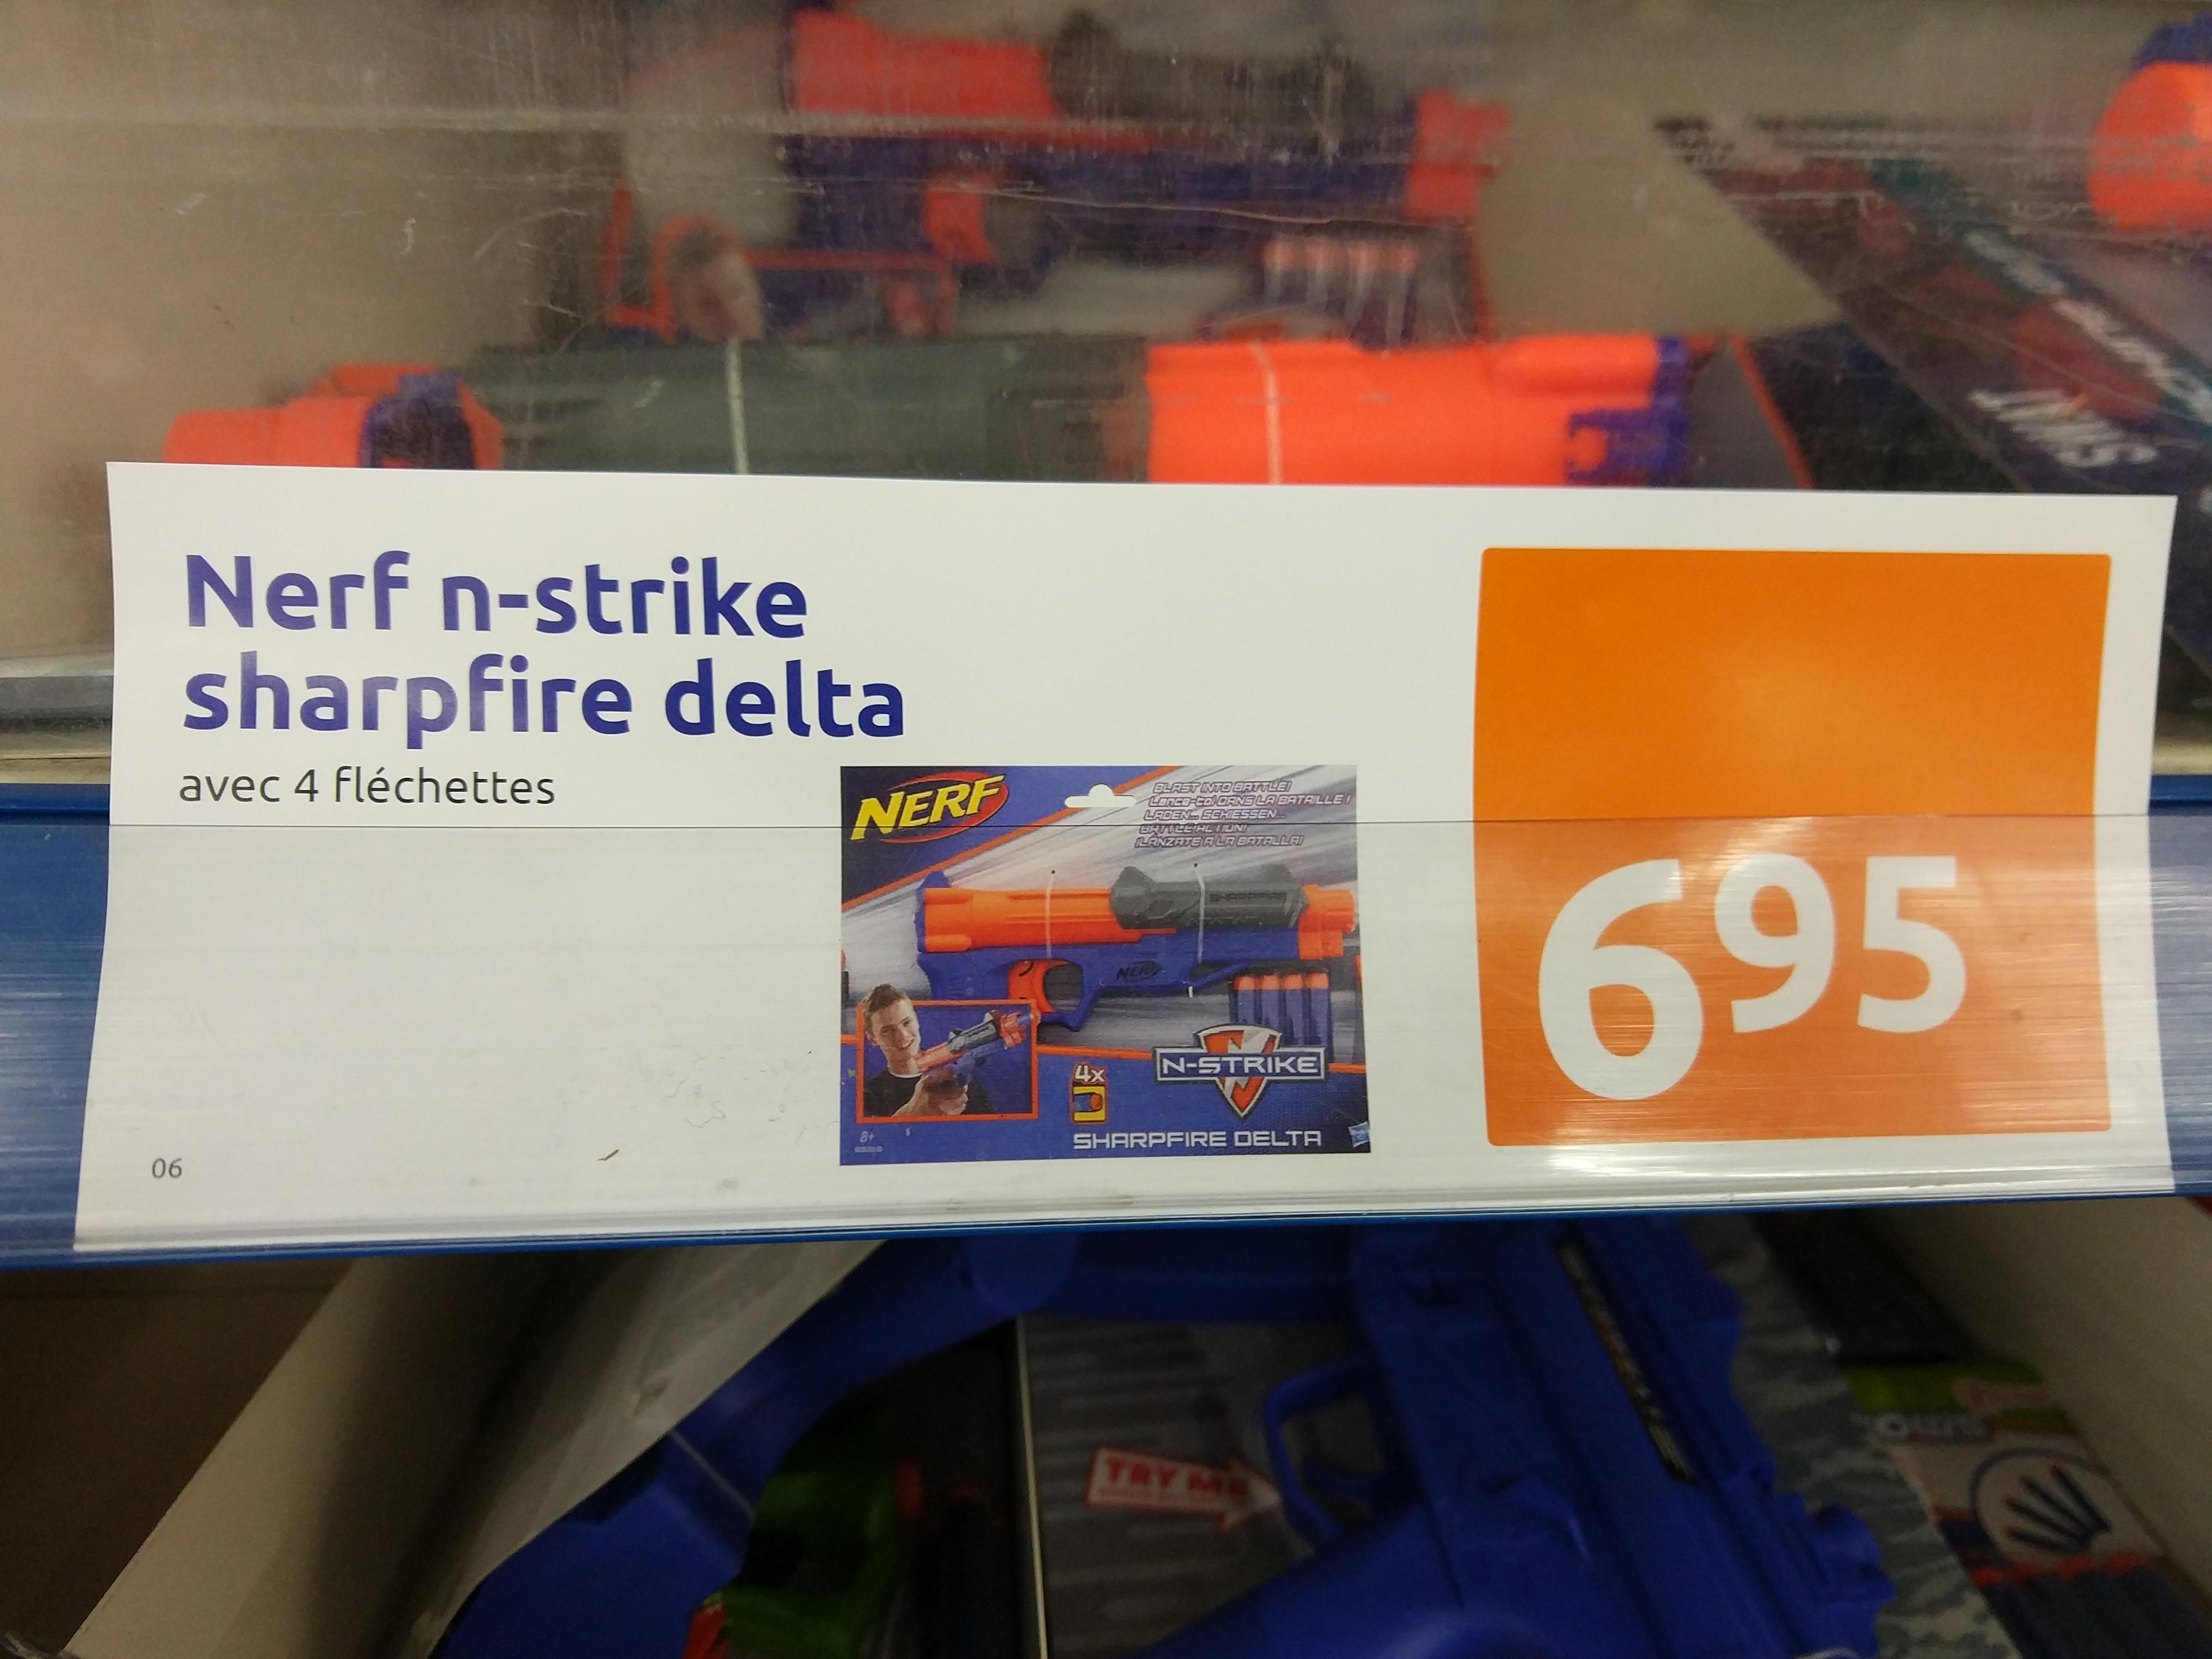 Pistolet à fléchettes Nerf N-Strike Sharpfire Delta - Saint-Bonnet-de-Mure (69)